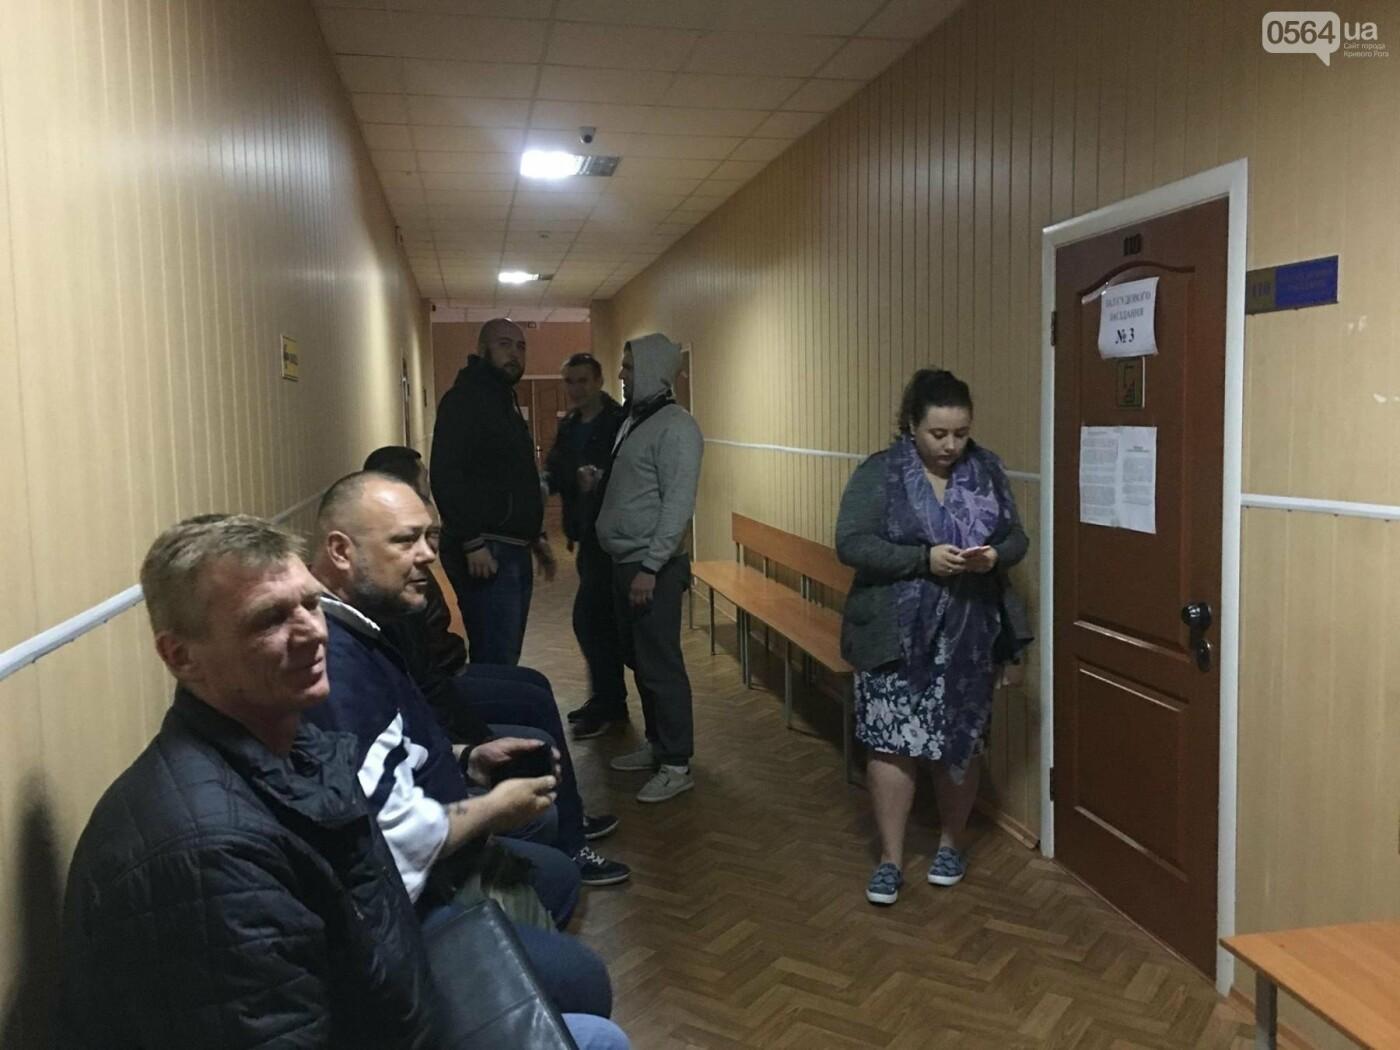 В Кривом Роге: простились с Героем, перенесли суд над надругавшимся над флагом Украины, в ДТП пострадала женщина-водитель, фото-1